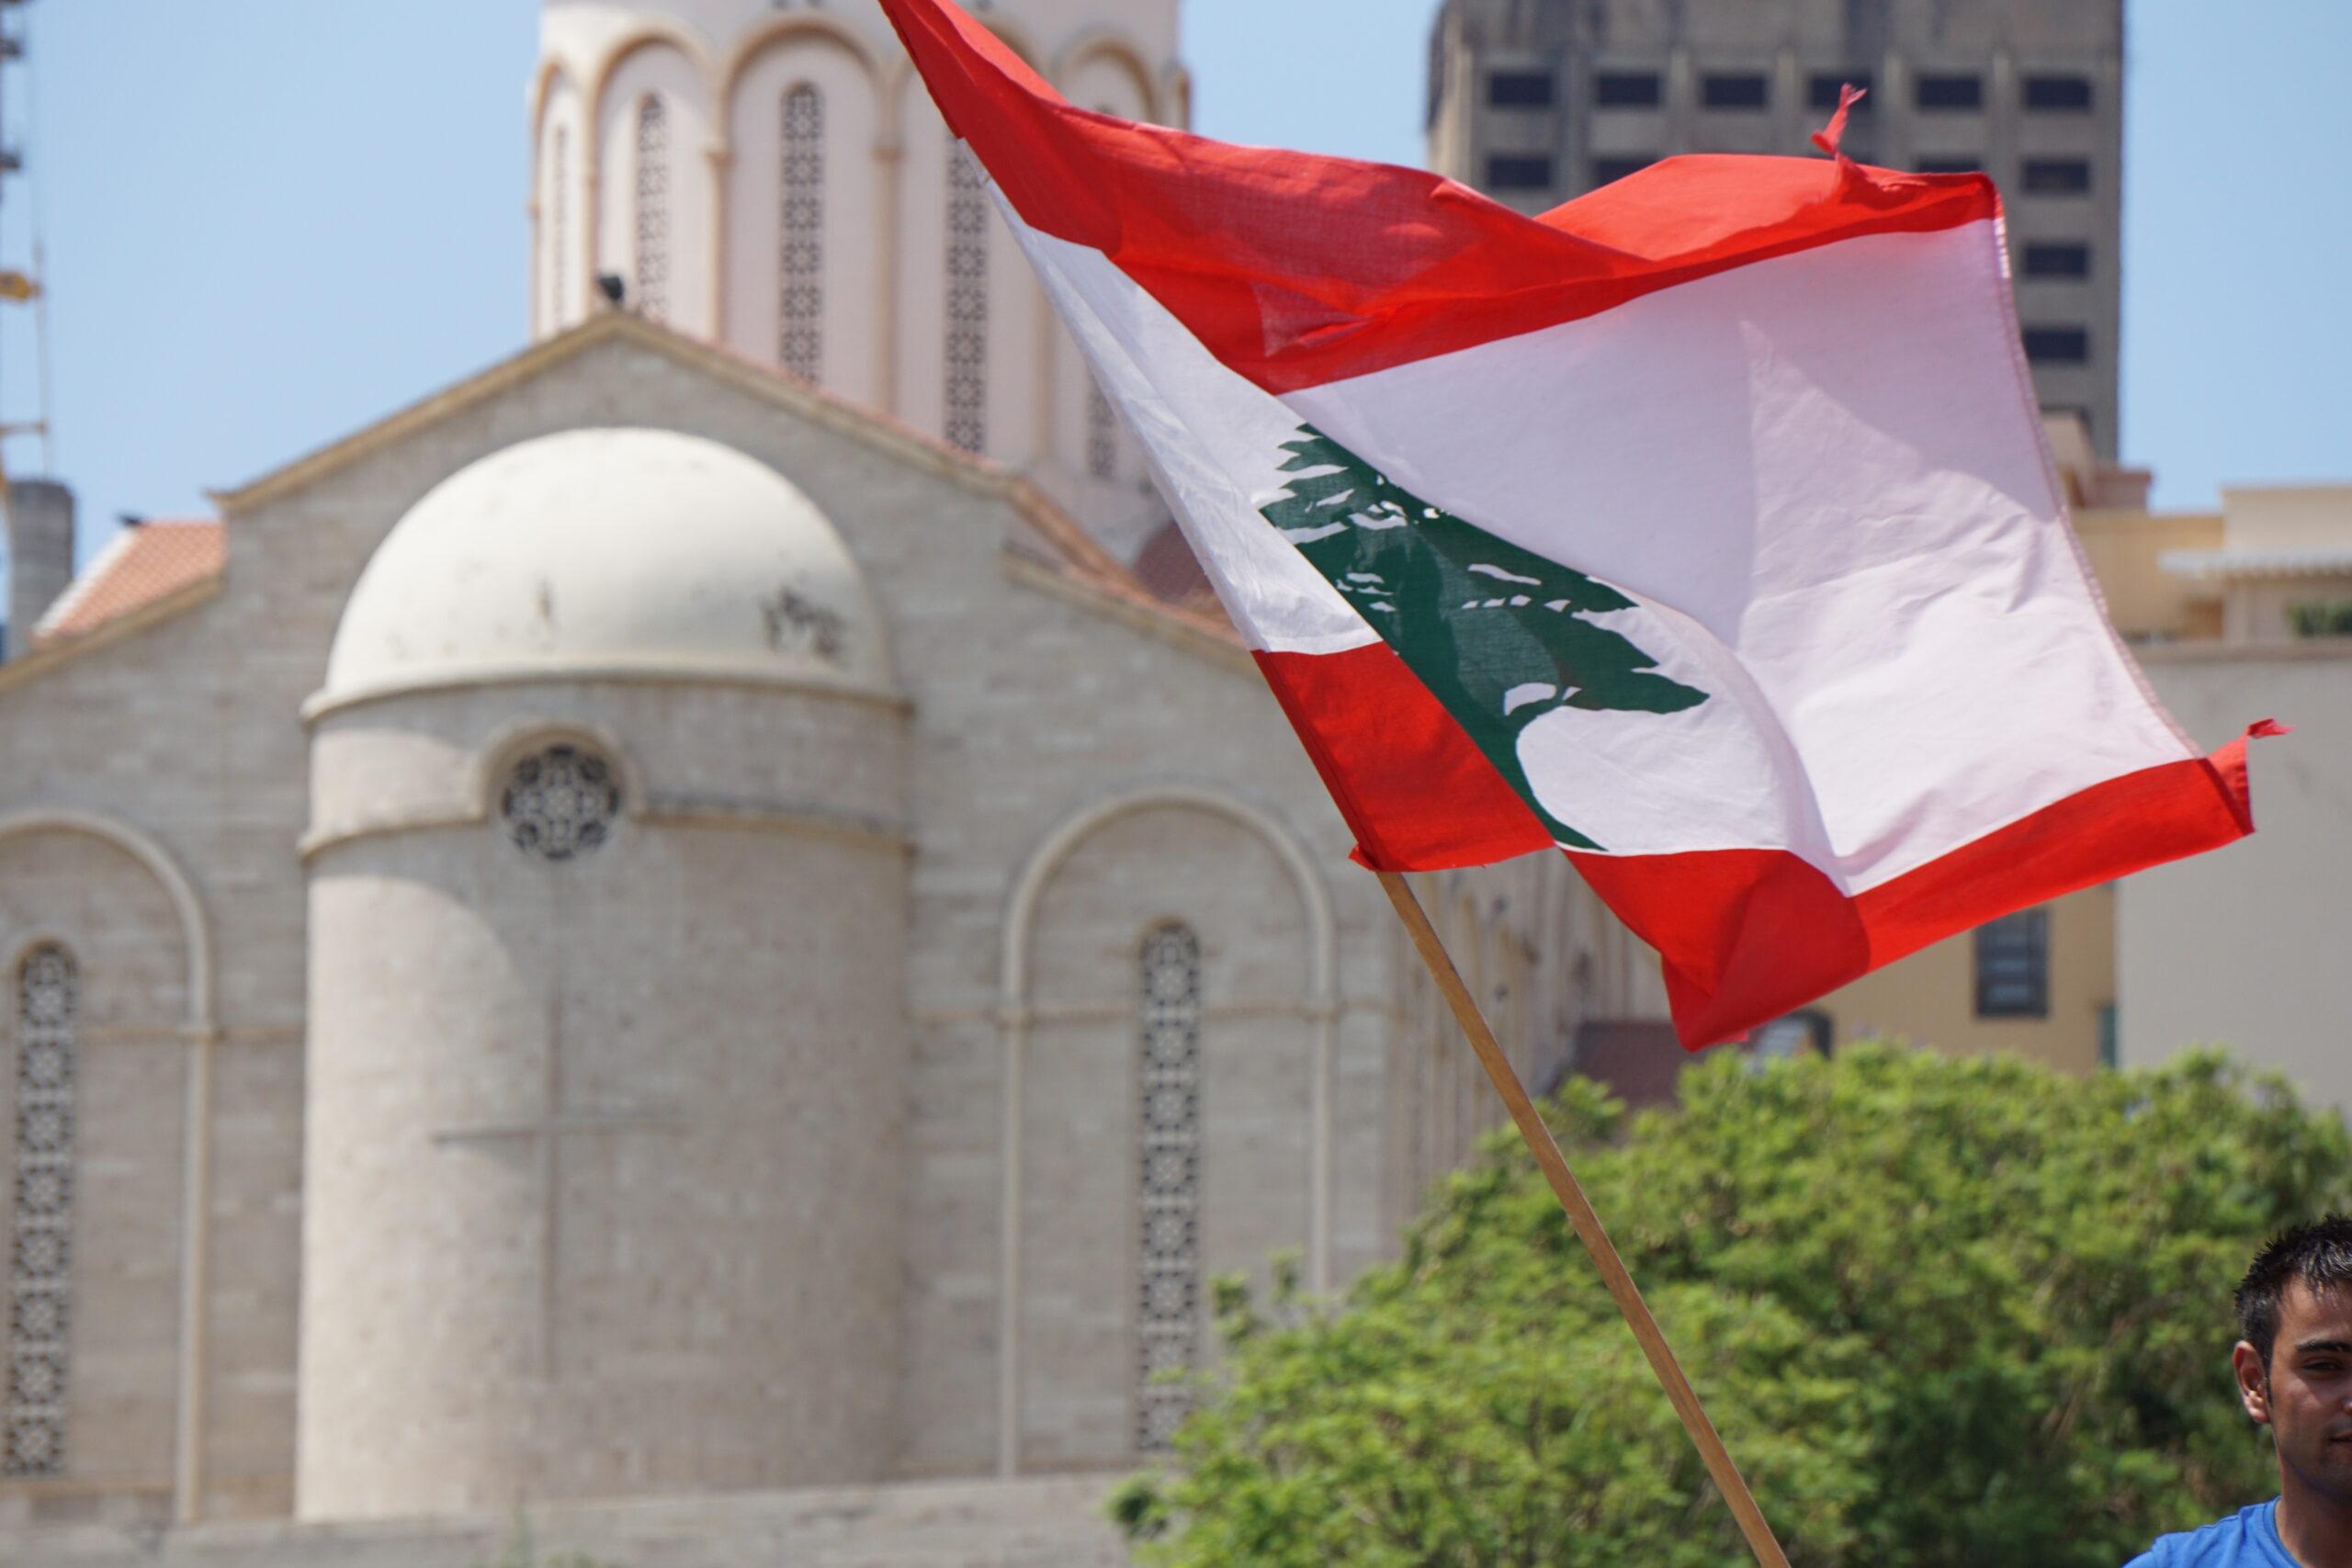 """بعد مفاجأة اللبنانيين بتكليف الجيش بحفظ الأمن الداخلي منذ 1991، نسأل: """"أين المرسوم؟ هل رأى أحدكم المرسوم؟"""""""